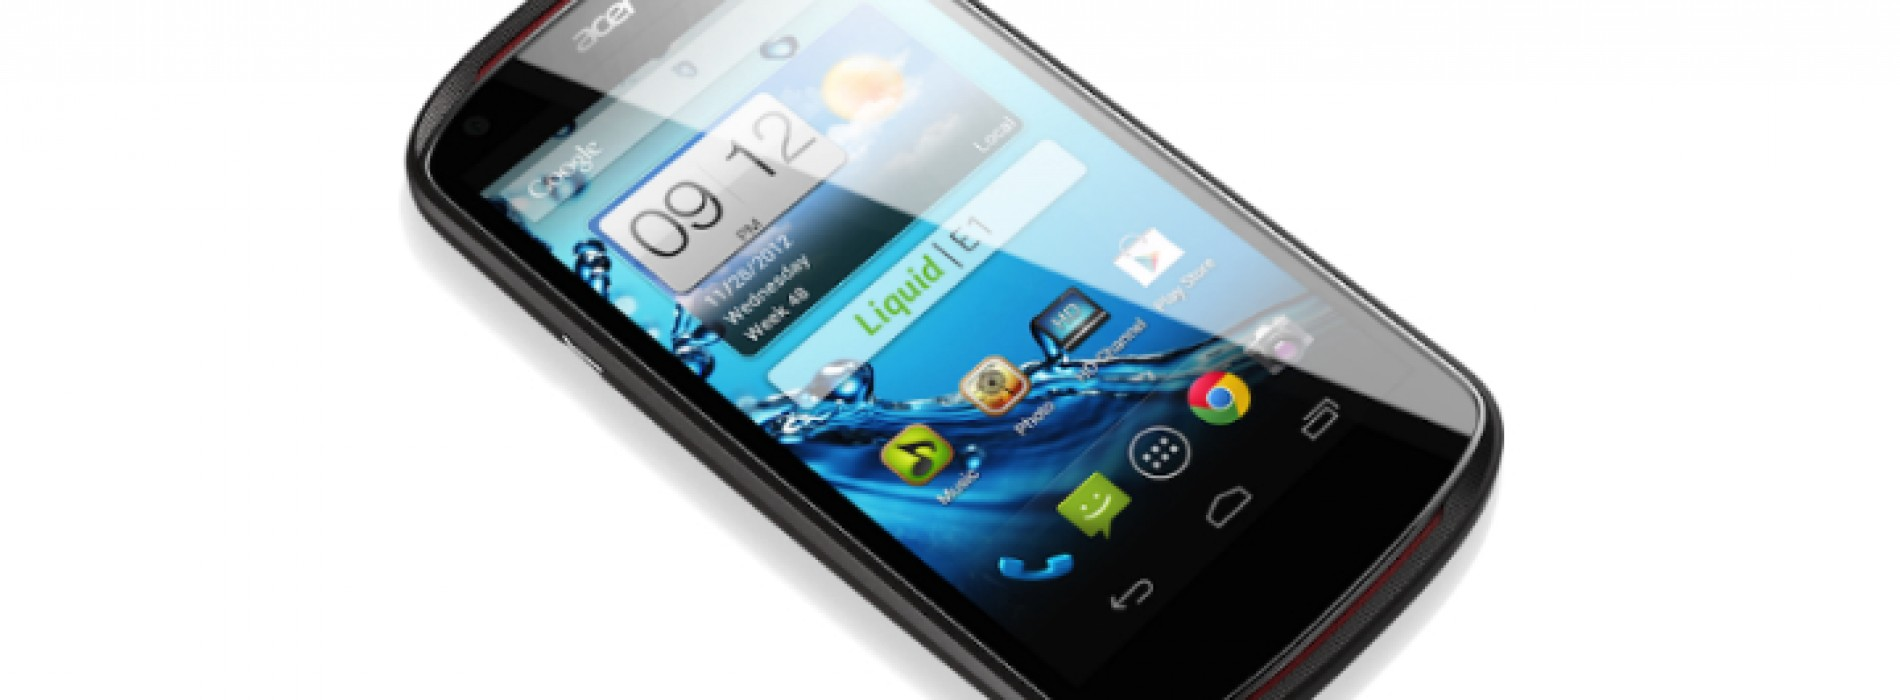 Acer debuts 4.5-inch Liquid E1 smartphone